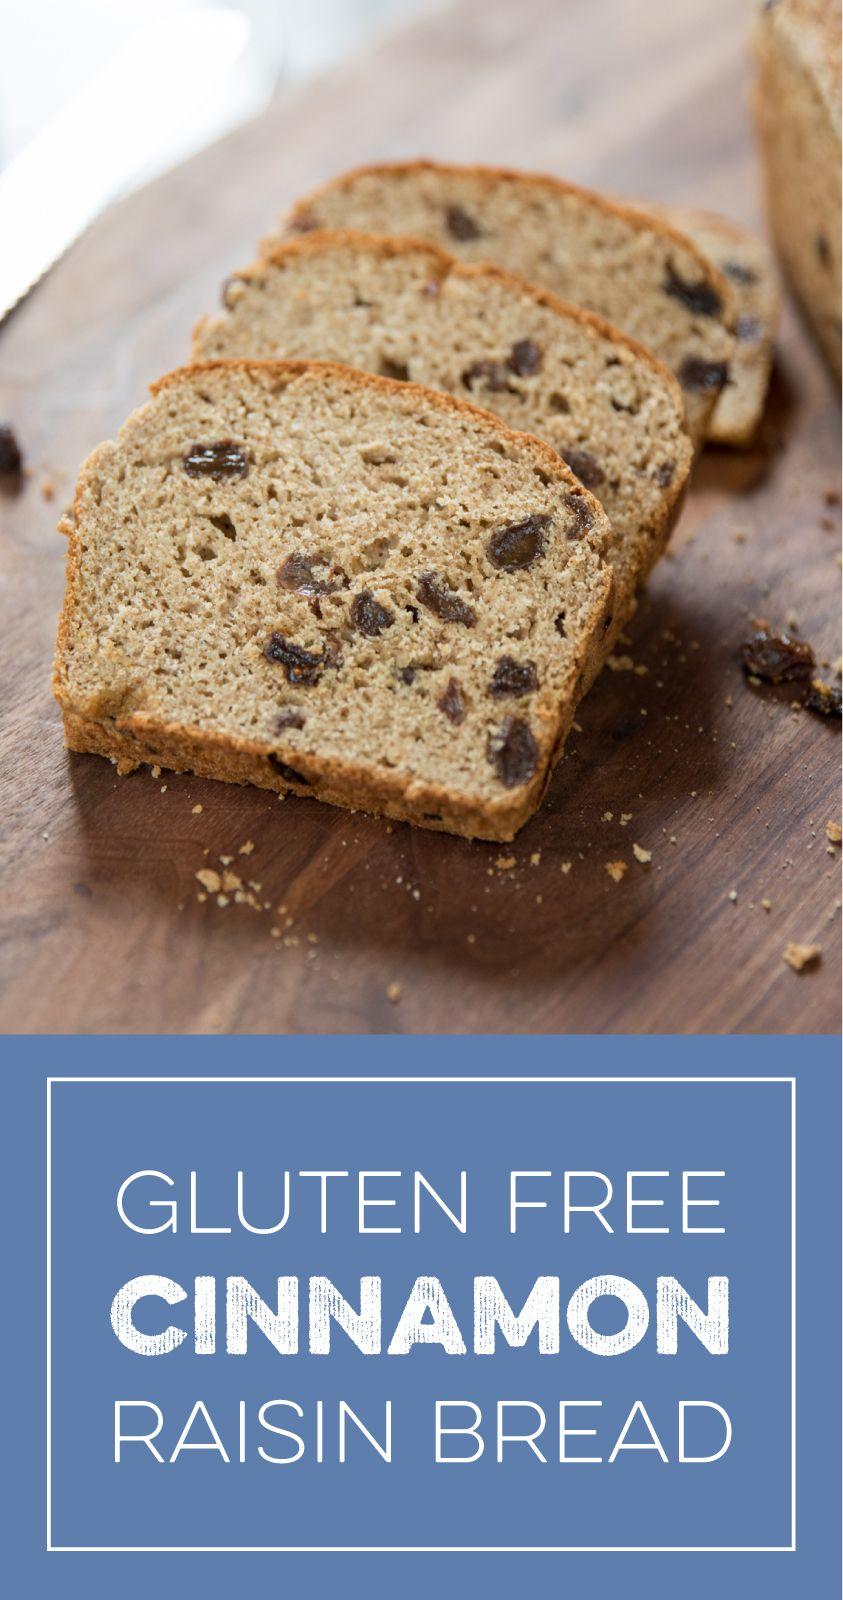 Gluten Free Sourdough Cinnamon Raisin Bread Recipe Homemade Gluten Free Bread Cinnamon Raisin Bread Cinnamon Raisin Bread Recipe